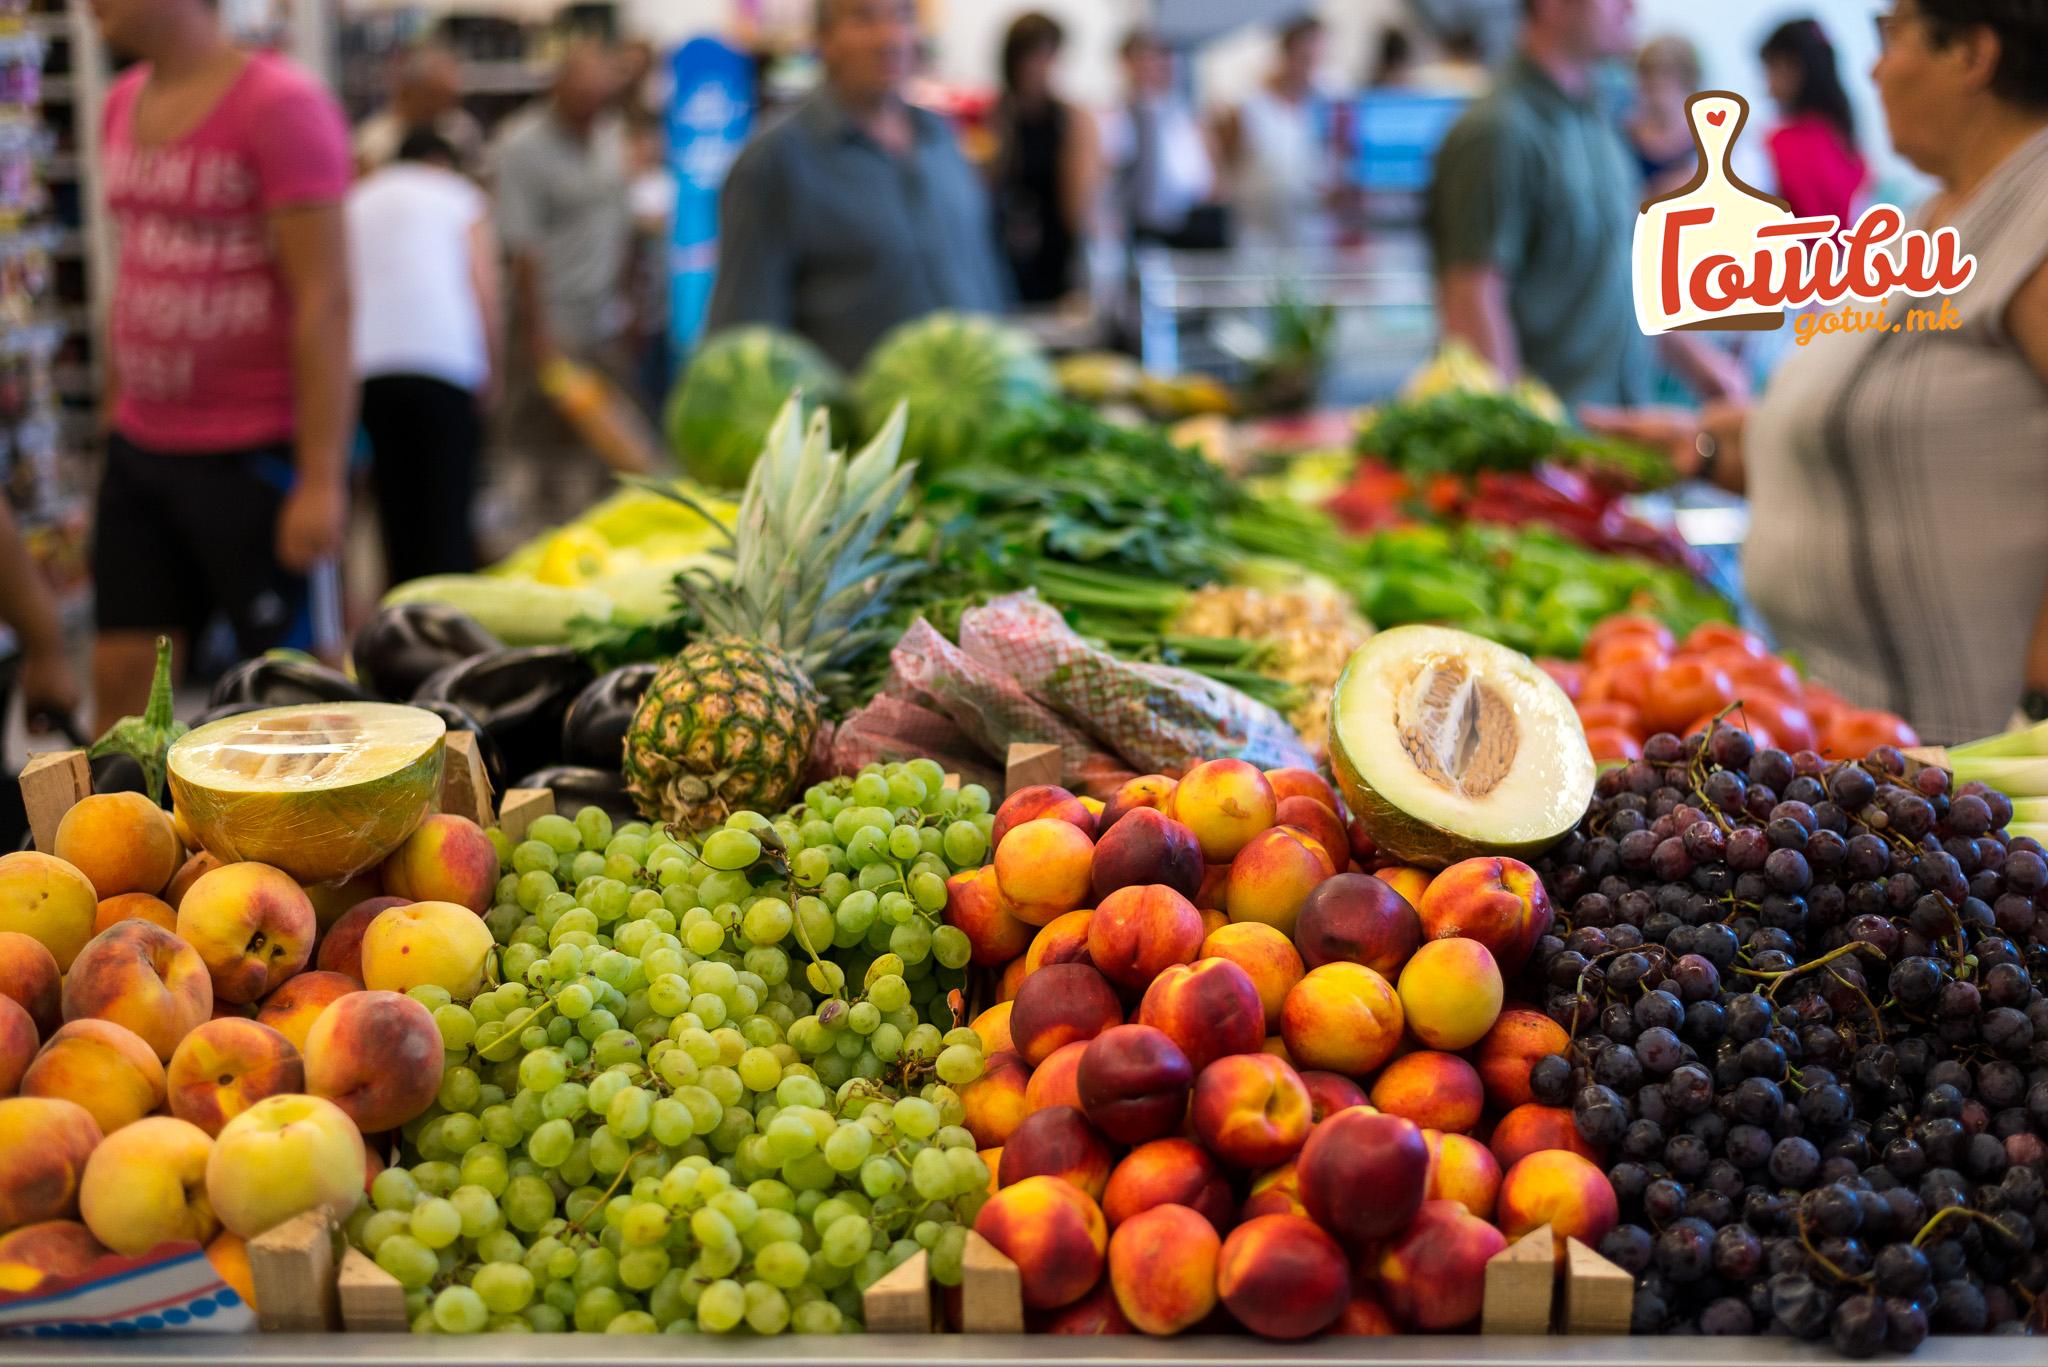 Анкета: Кој маркет треба да дојде на местото на Carrefour во Сити Мол?